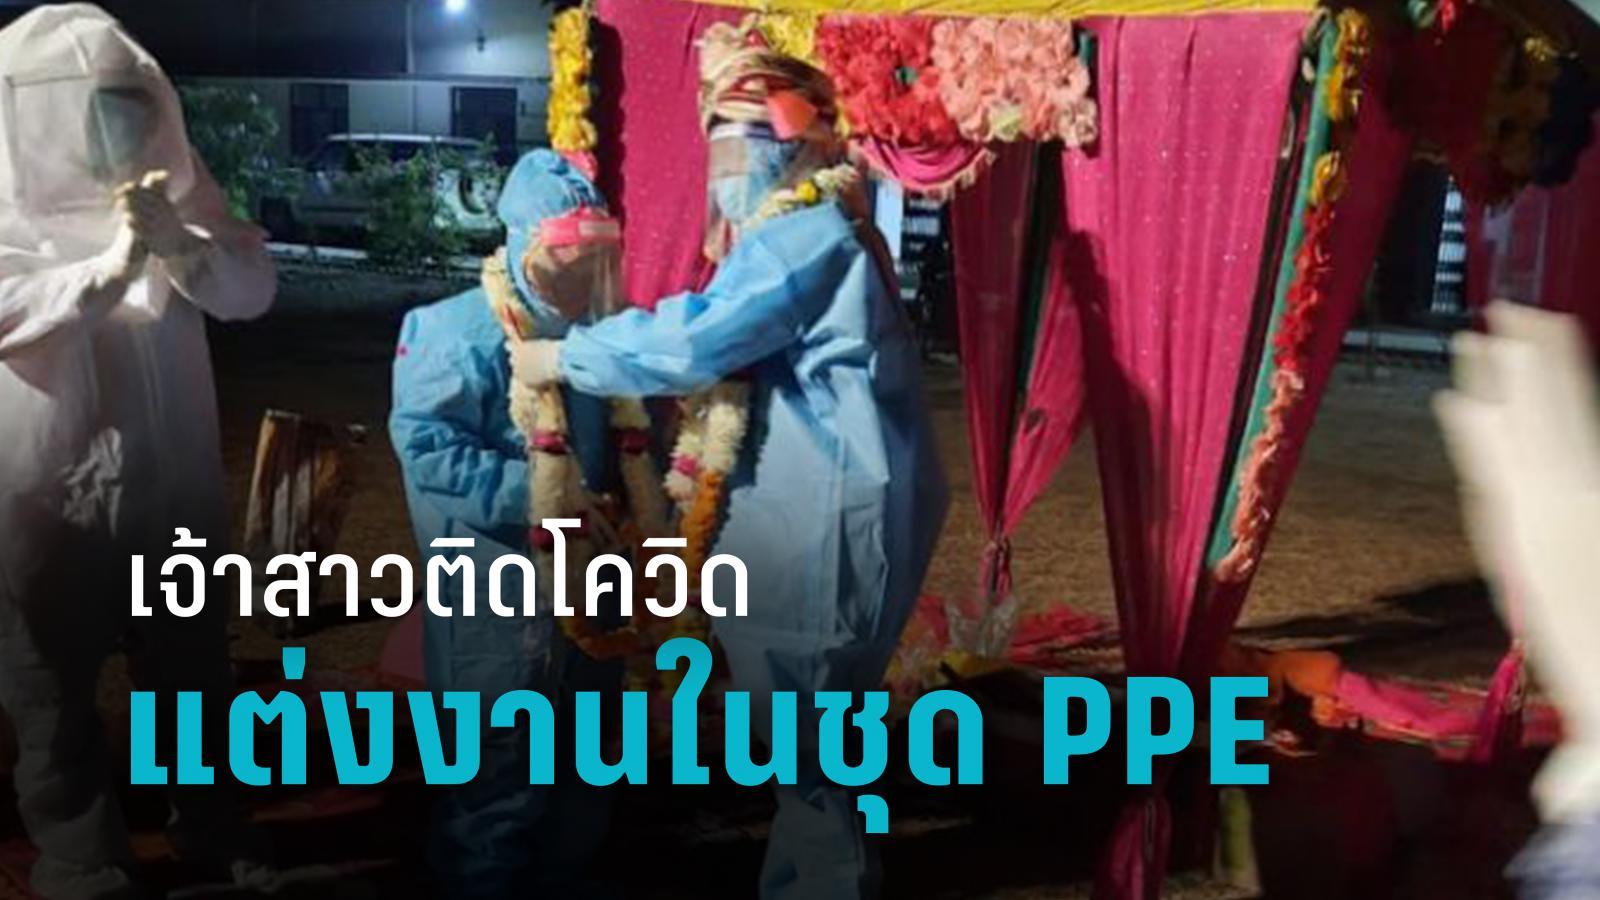 คู่รักอินเดียแต่งงานในชุด PPE หลังเจ้าสาวติดโควิด-19